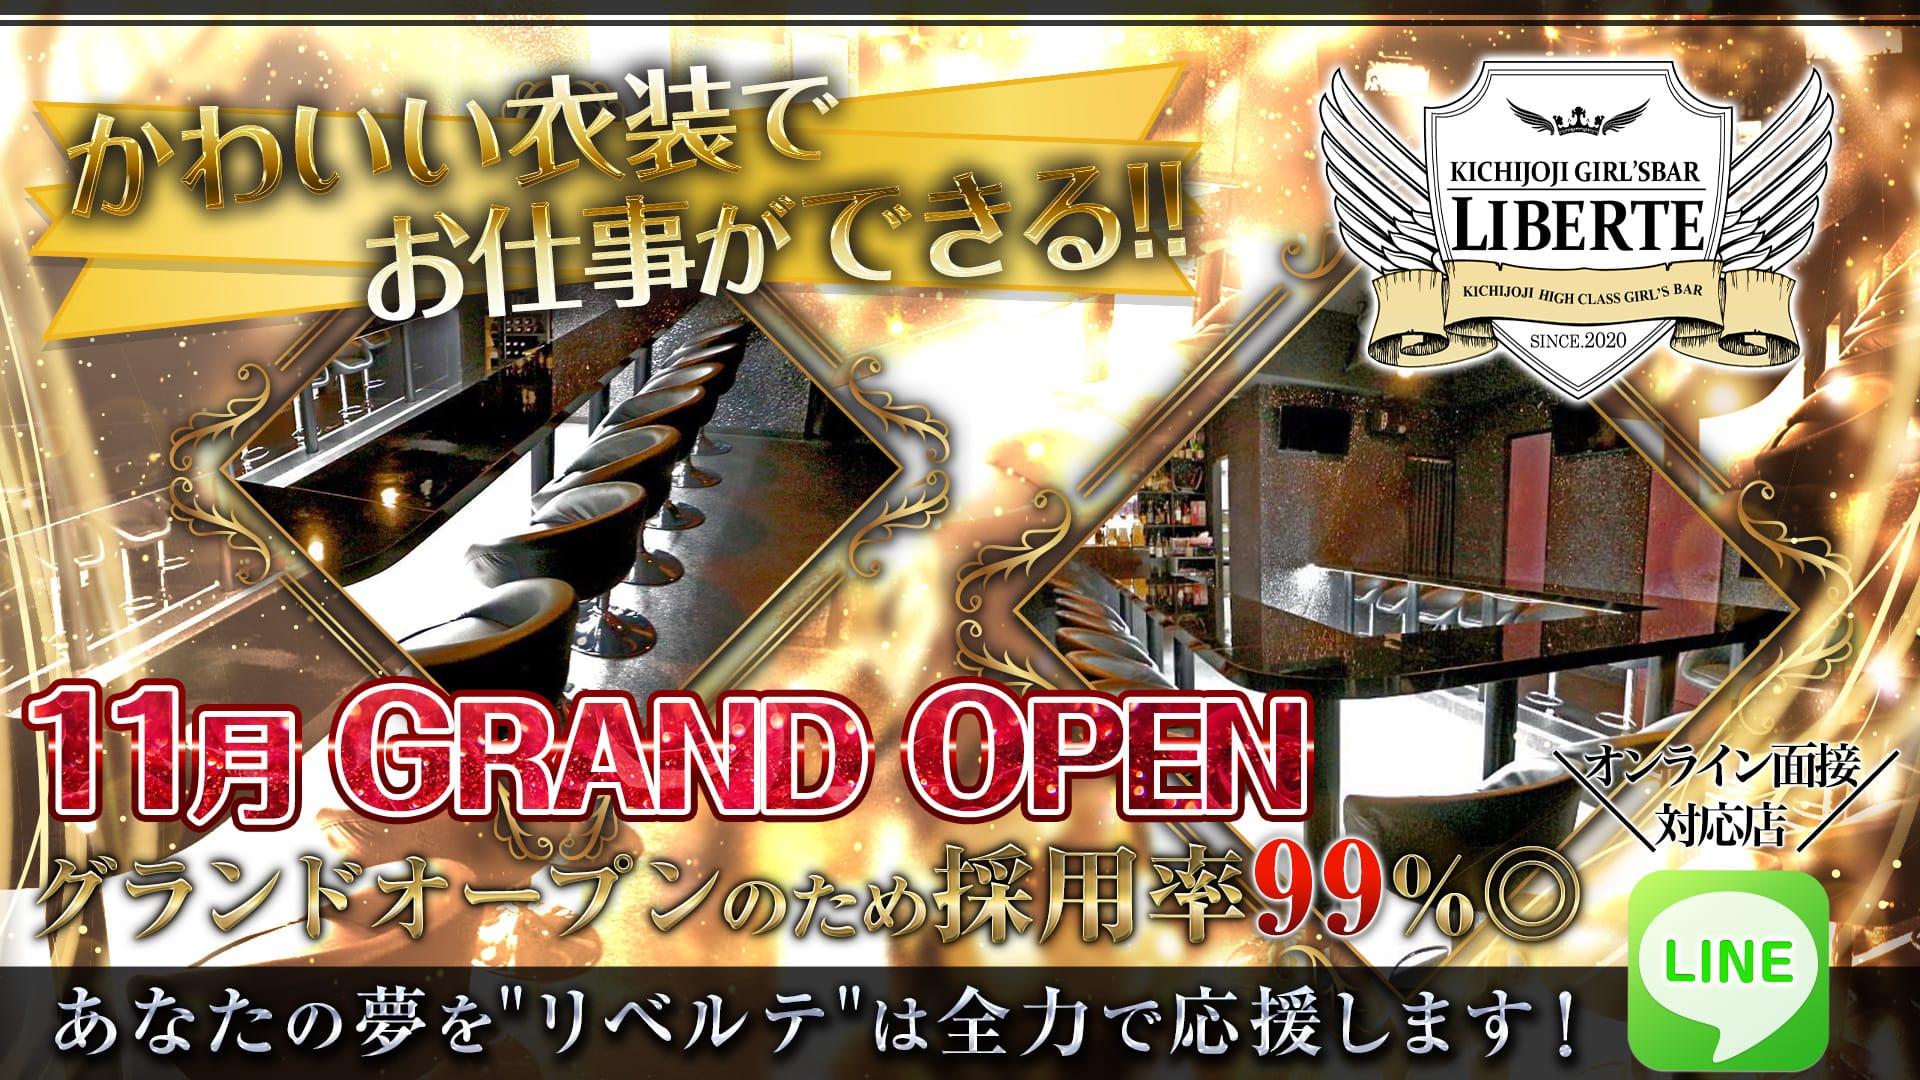 Girlsカフェ&Bar LIBERTE(リベルテ) 吉祥寺ガールズバー TOP画像